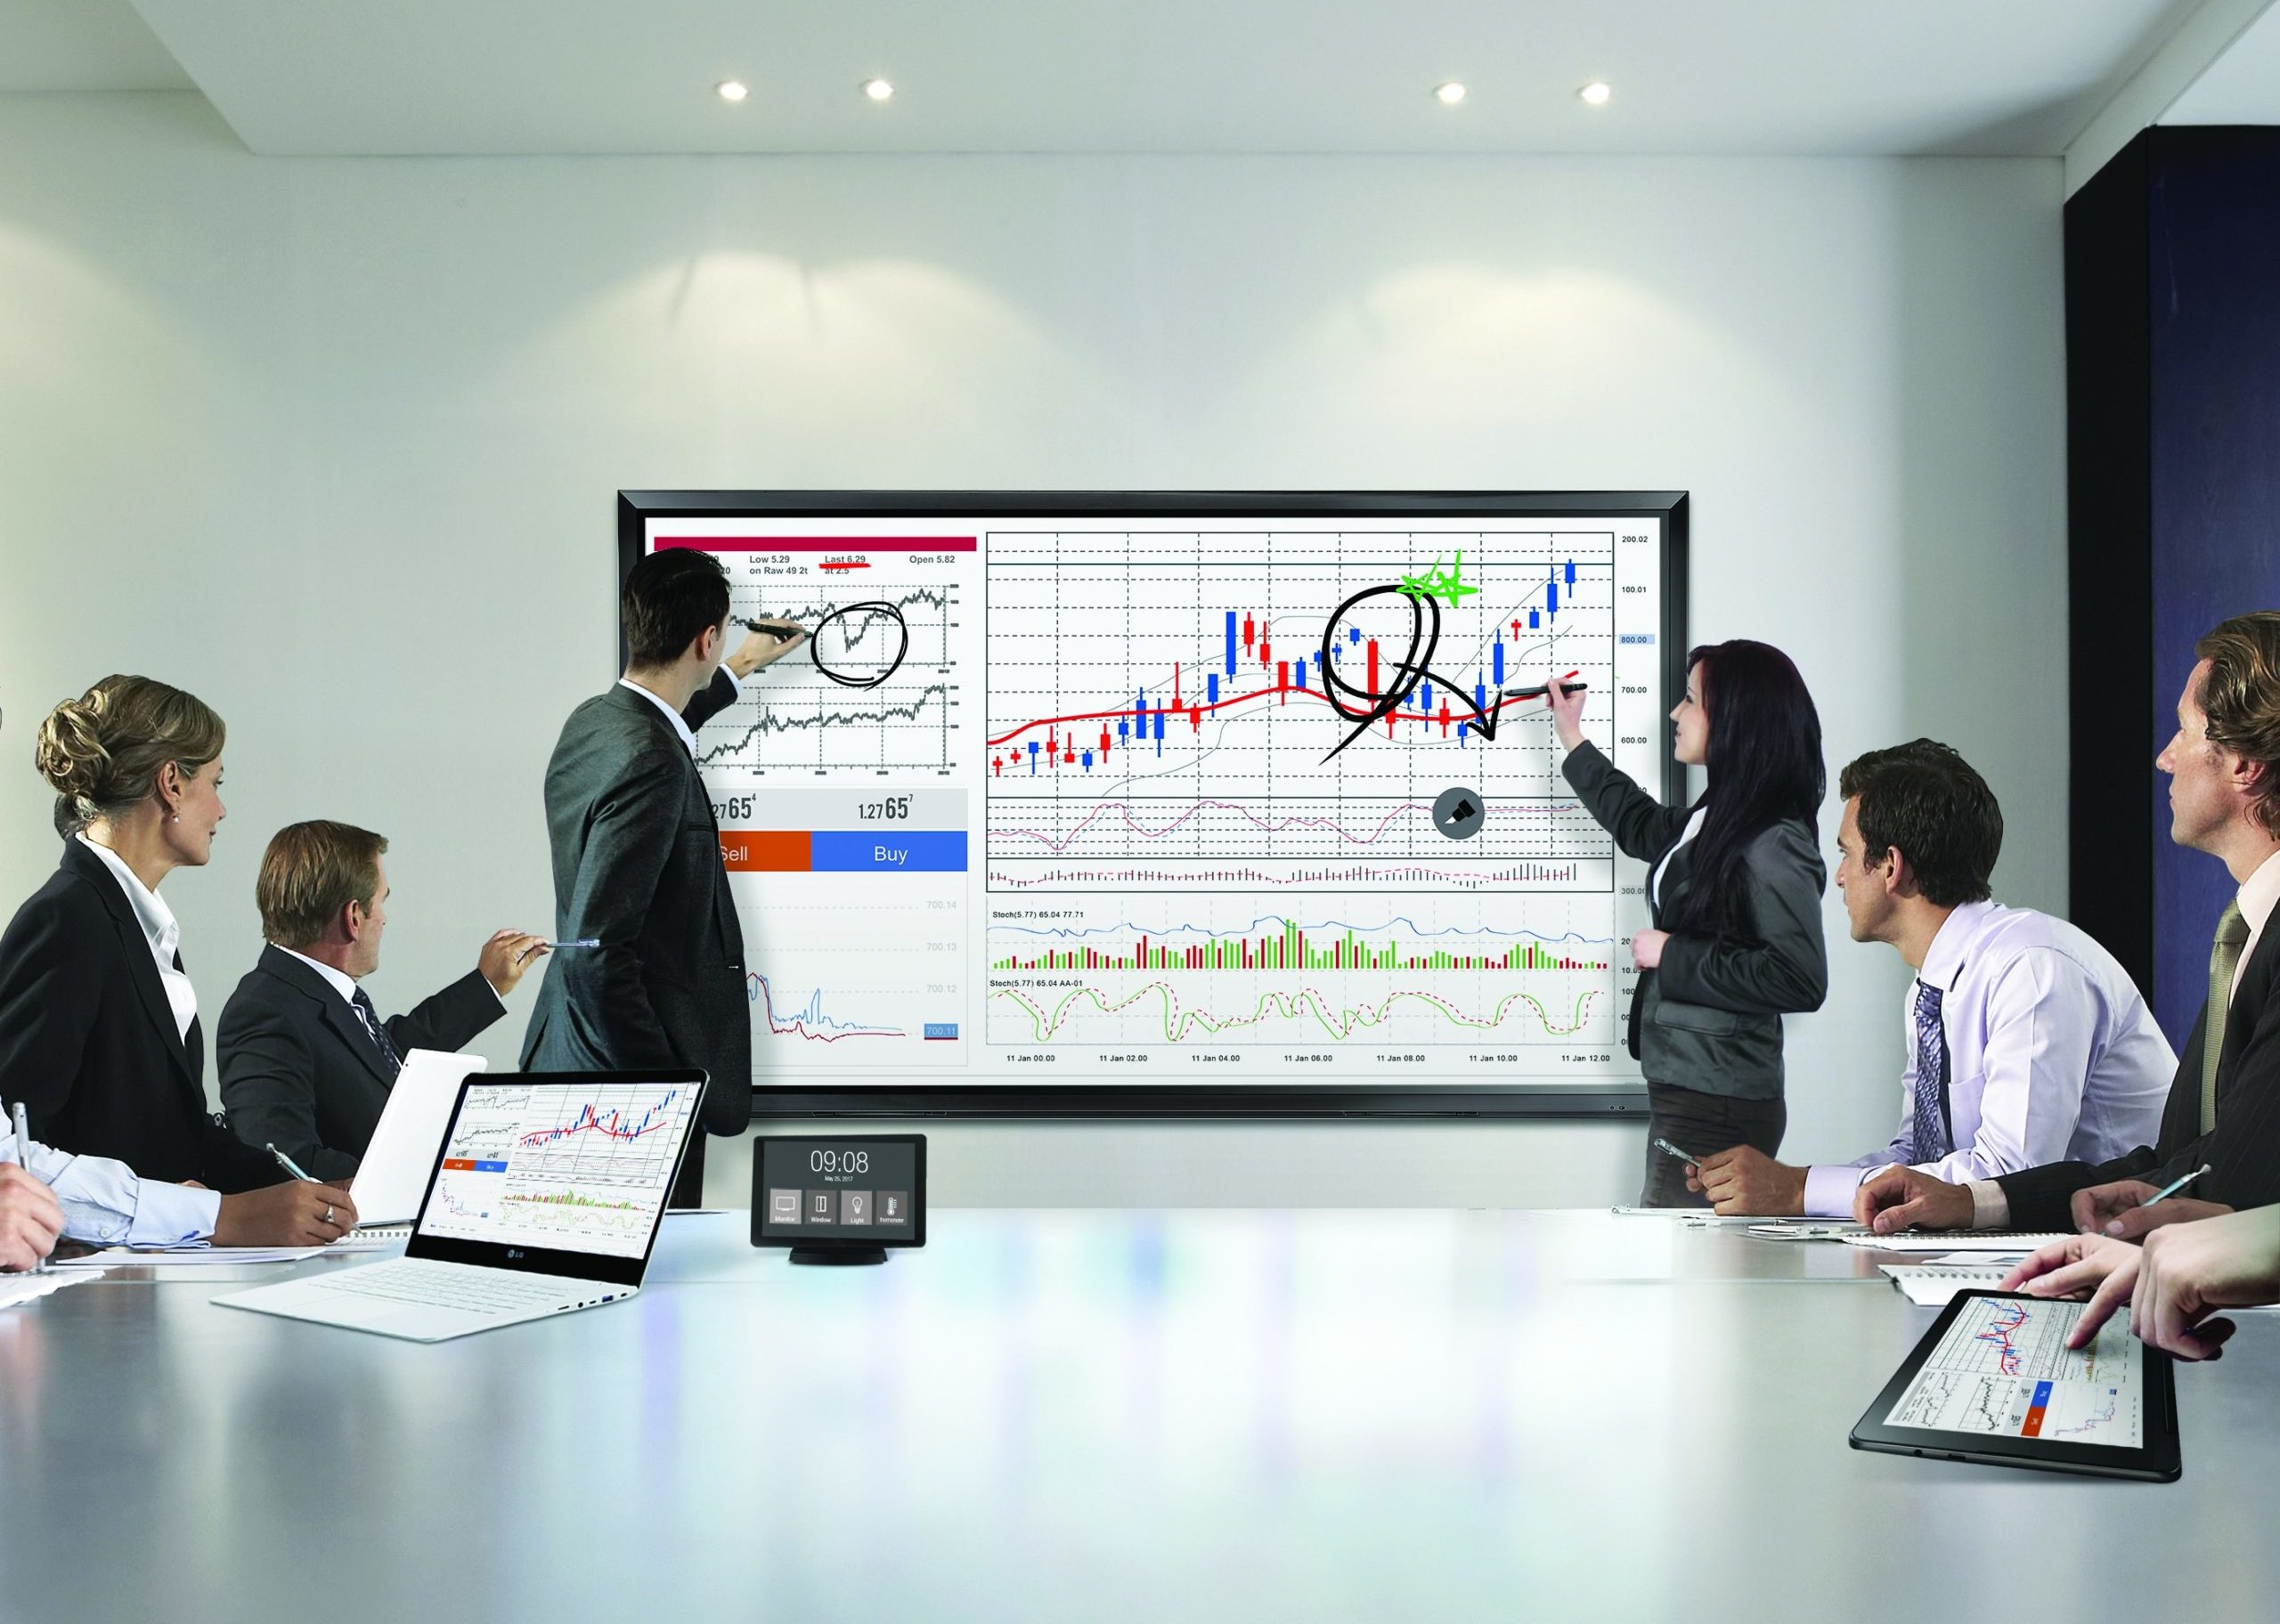 Partenaires VIDELIO x LG écran tactile réunion et formation série TC3D technologie P-Cap